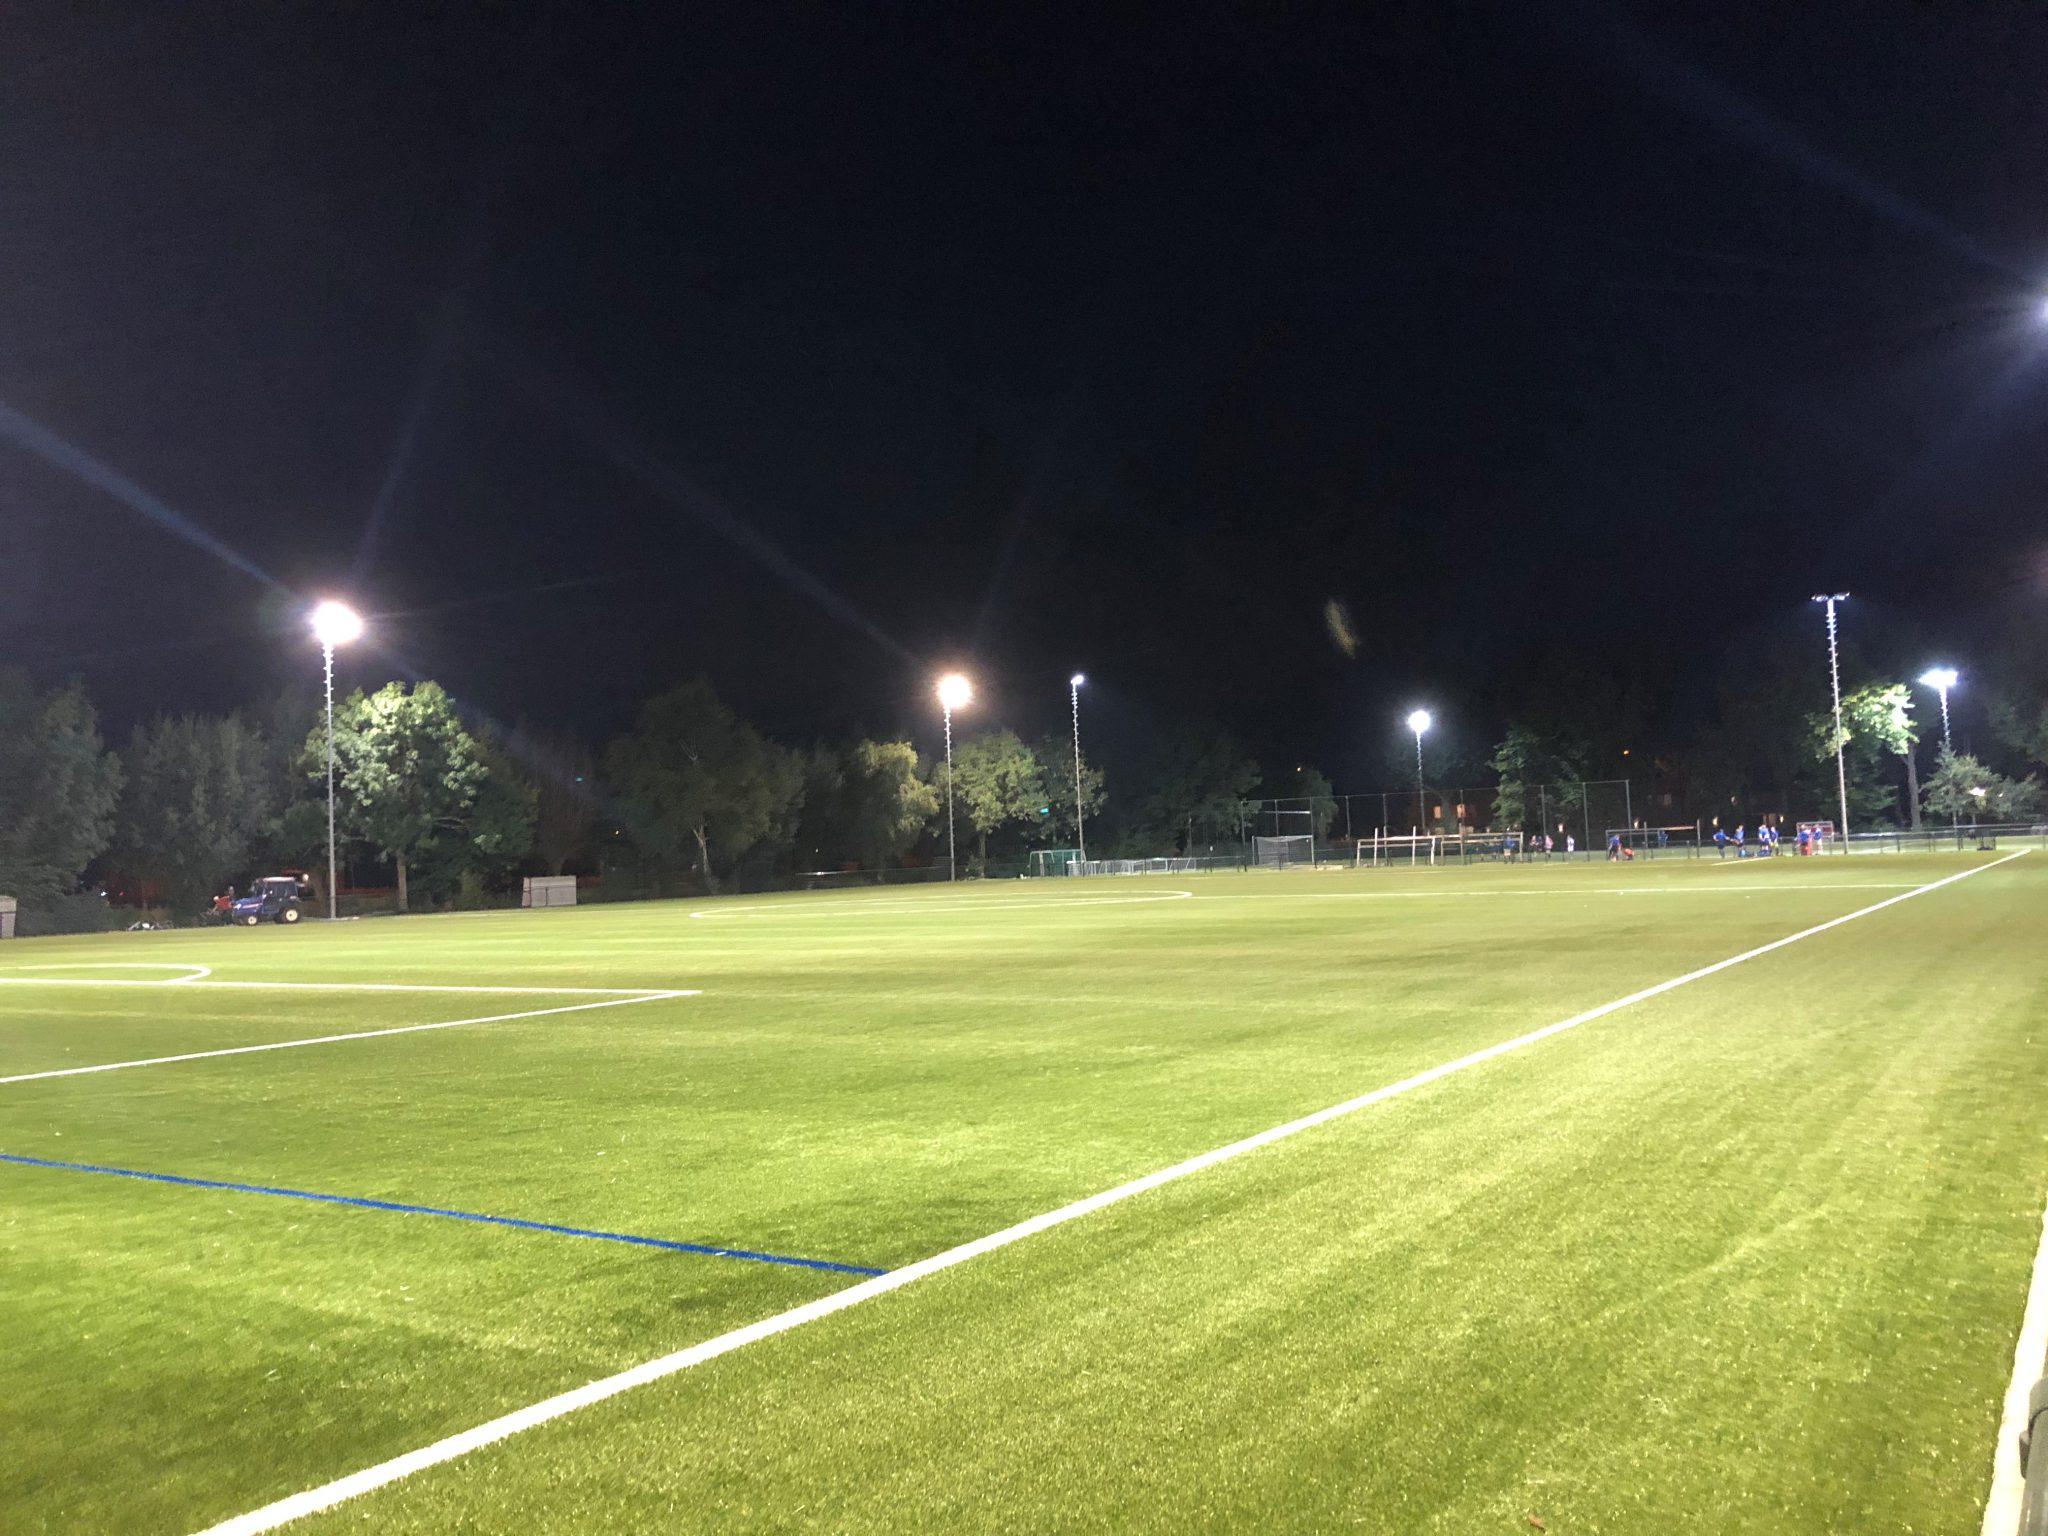 Update voortgang veld 3: veld is opgeleverd en te gebruiken voor training en wedstrijden